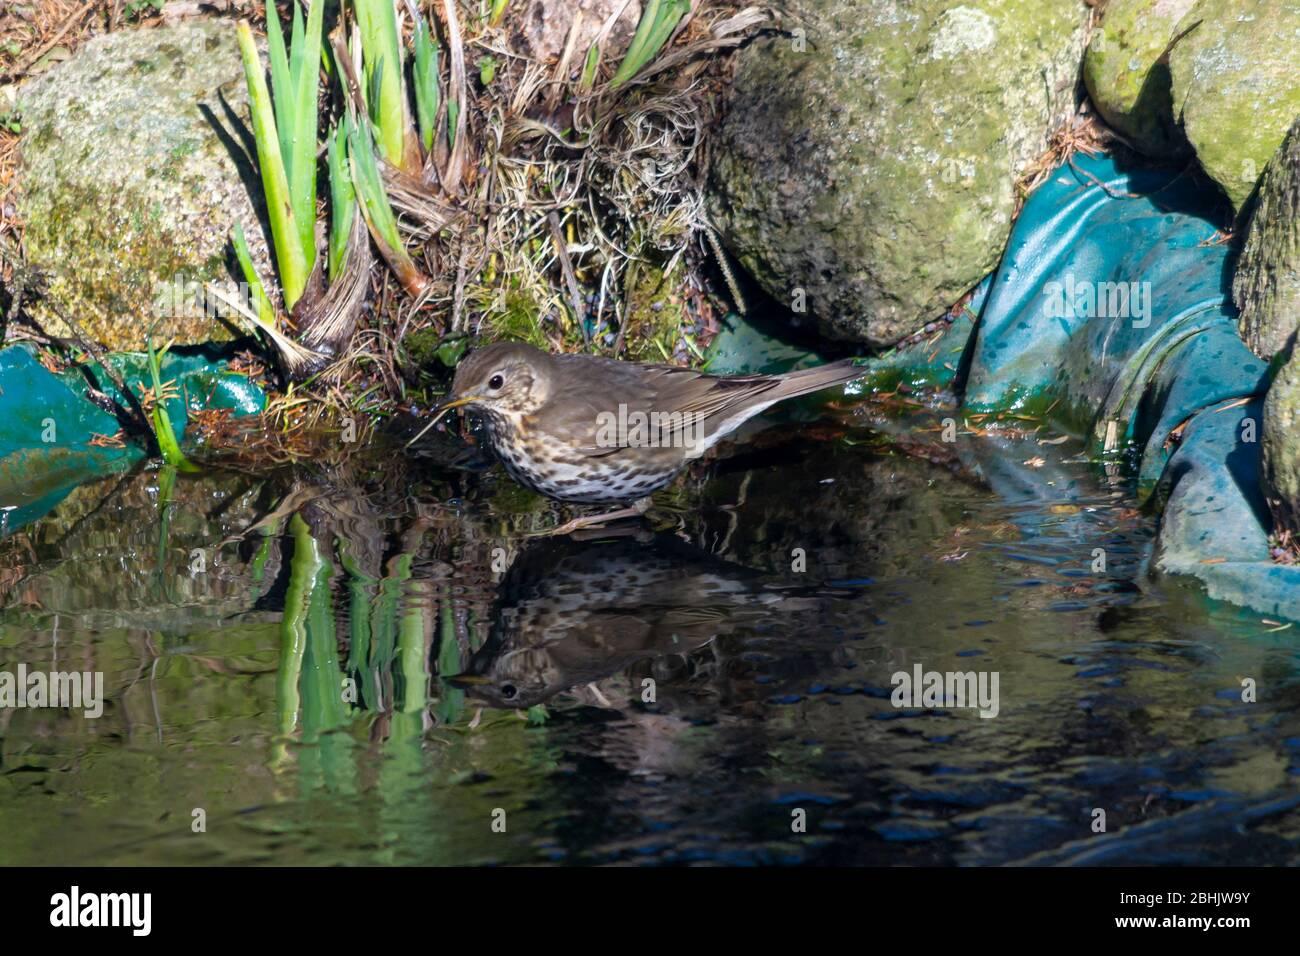 Thrush singer, singer - a species of medium-sized bird from the thrush family, inhabiting Eurasia. Stock Photo